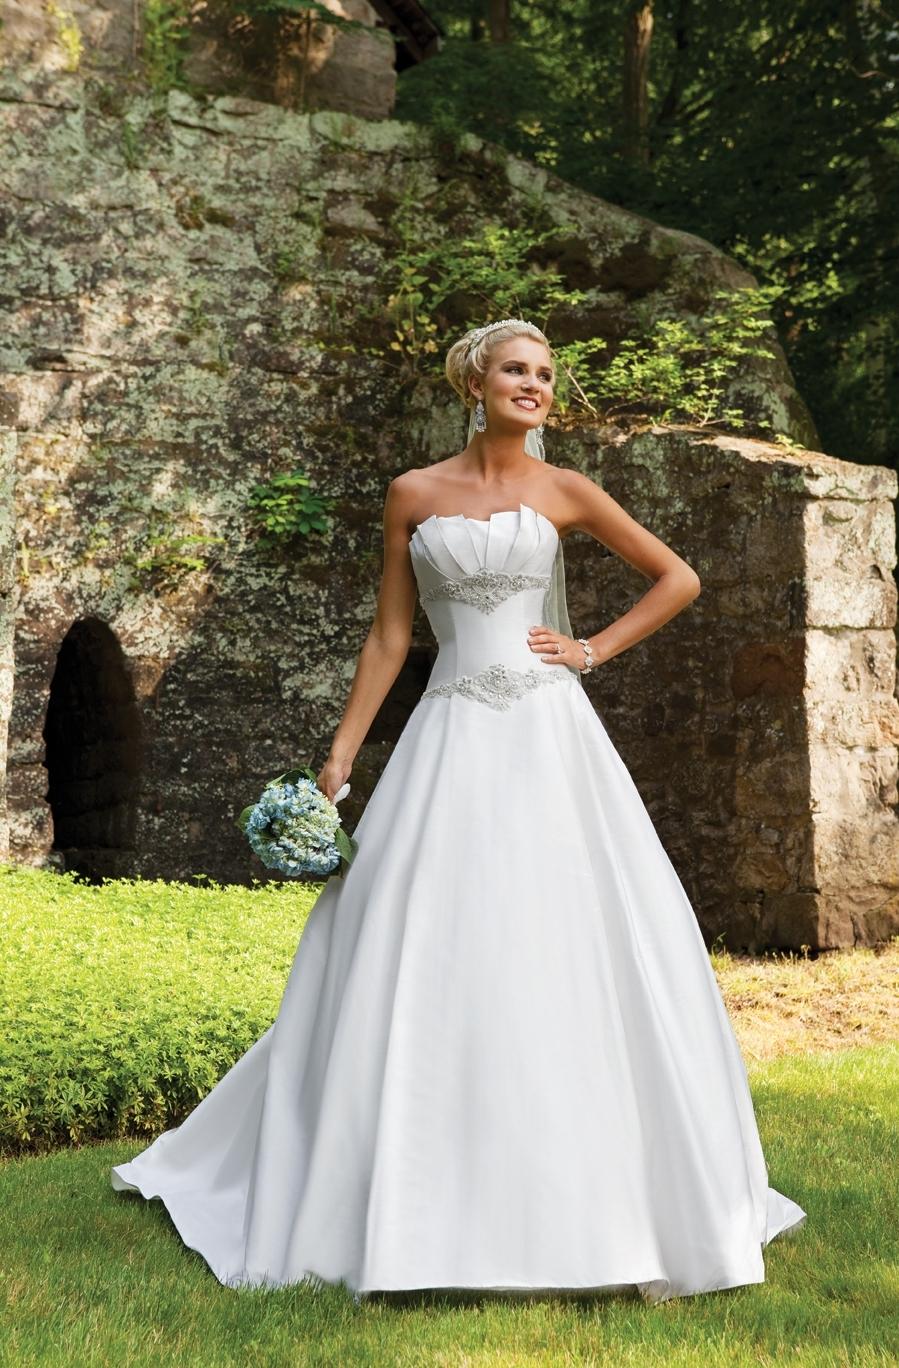 E231133-kathy-ireland-2bebride-2011-wedding-dress-front-2.full